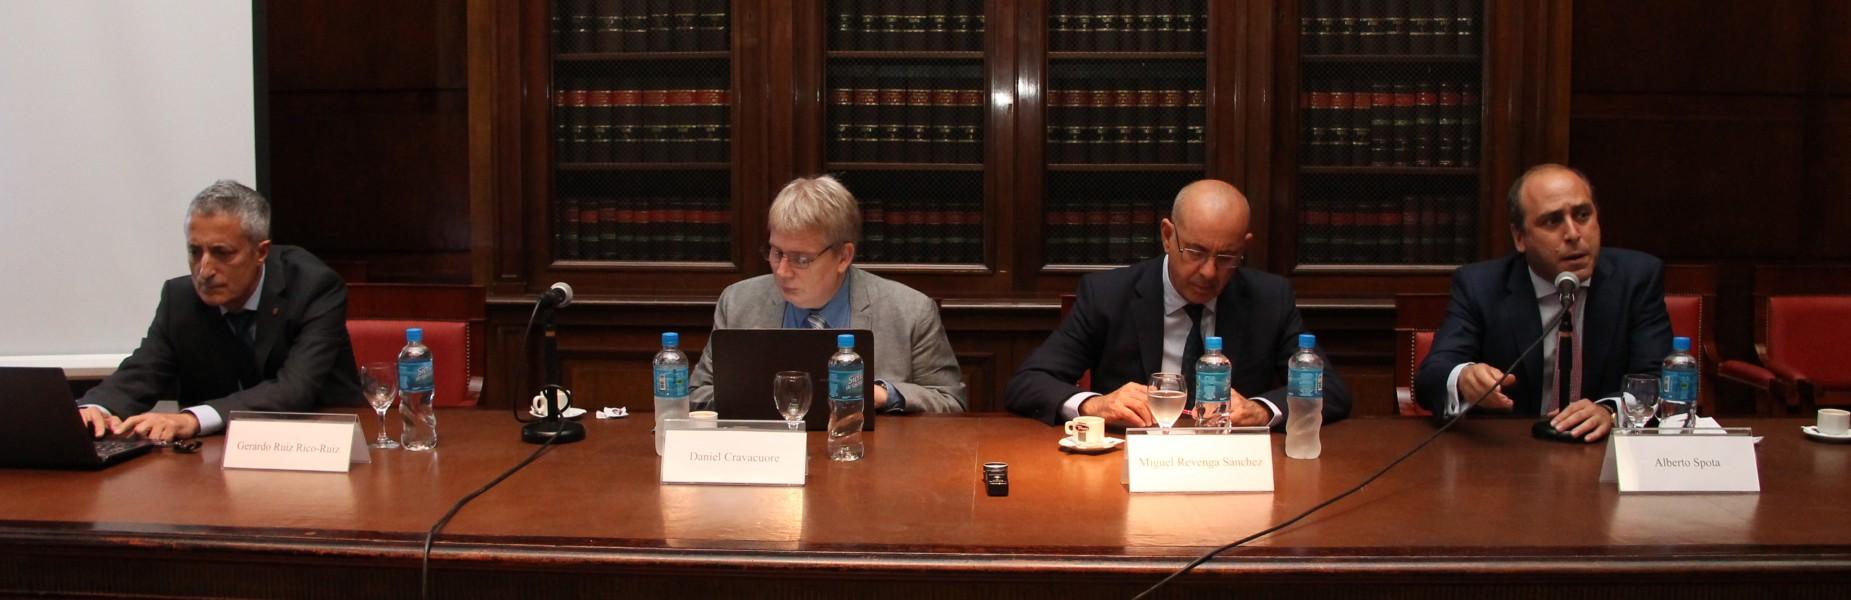 Gerardo Ruiz Rico-Ruiz, Daniel Cravacuore, Miguel Revenga Sánchez y Alberto Spota